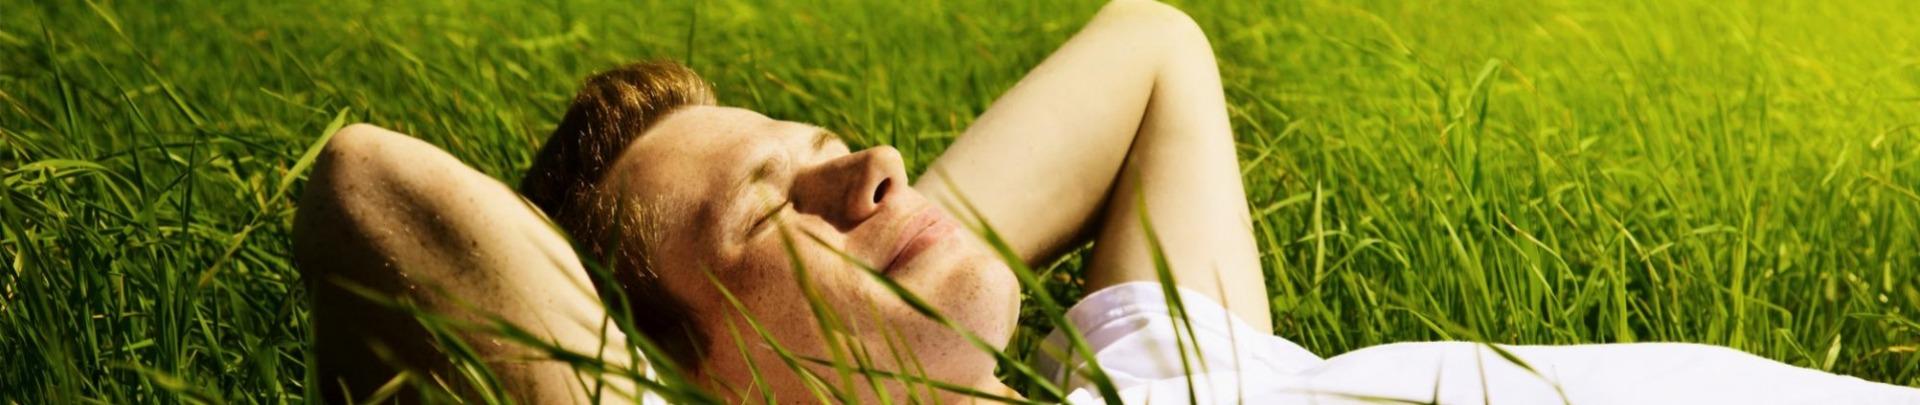 Man licht te genieten in het gras